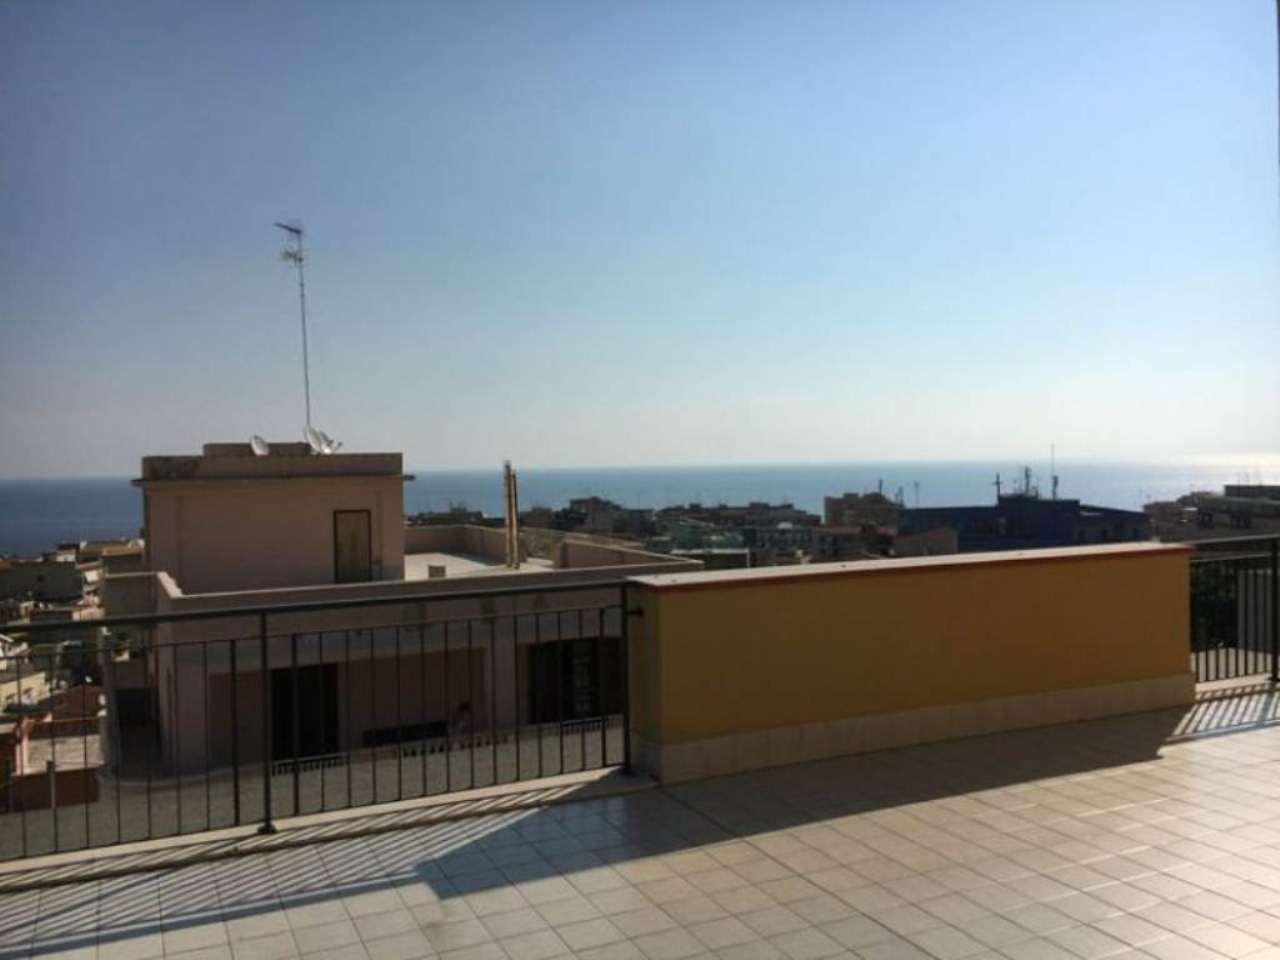 Attico / Mansarda in vendita a Siracusa, 5 locali, prezzo € 240.000 | Cambio Casa.it